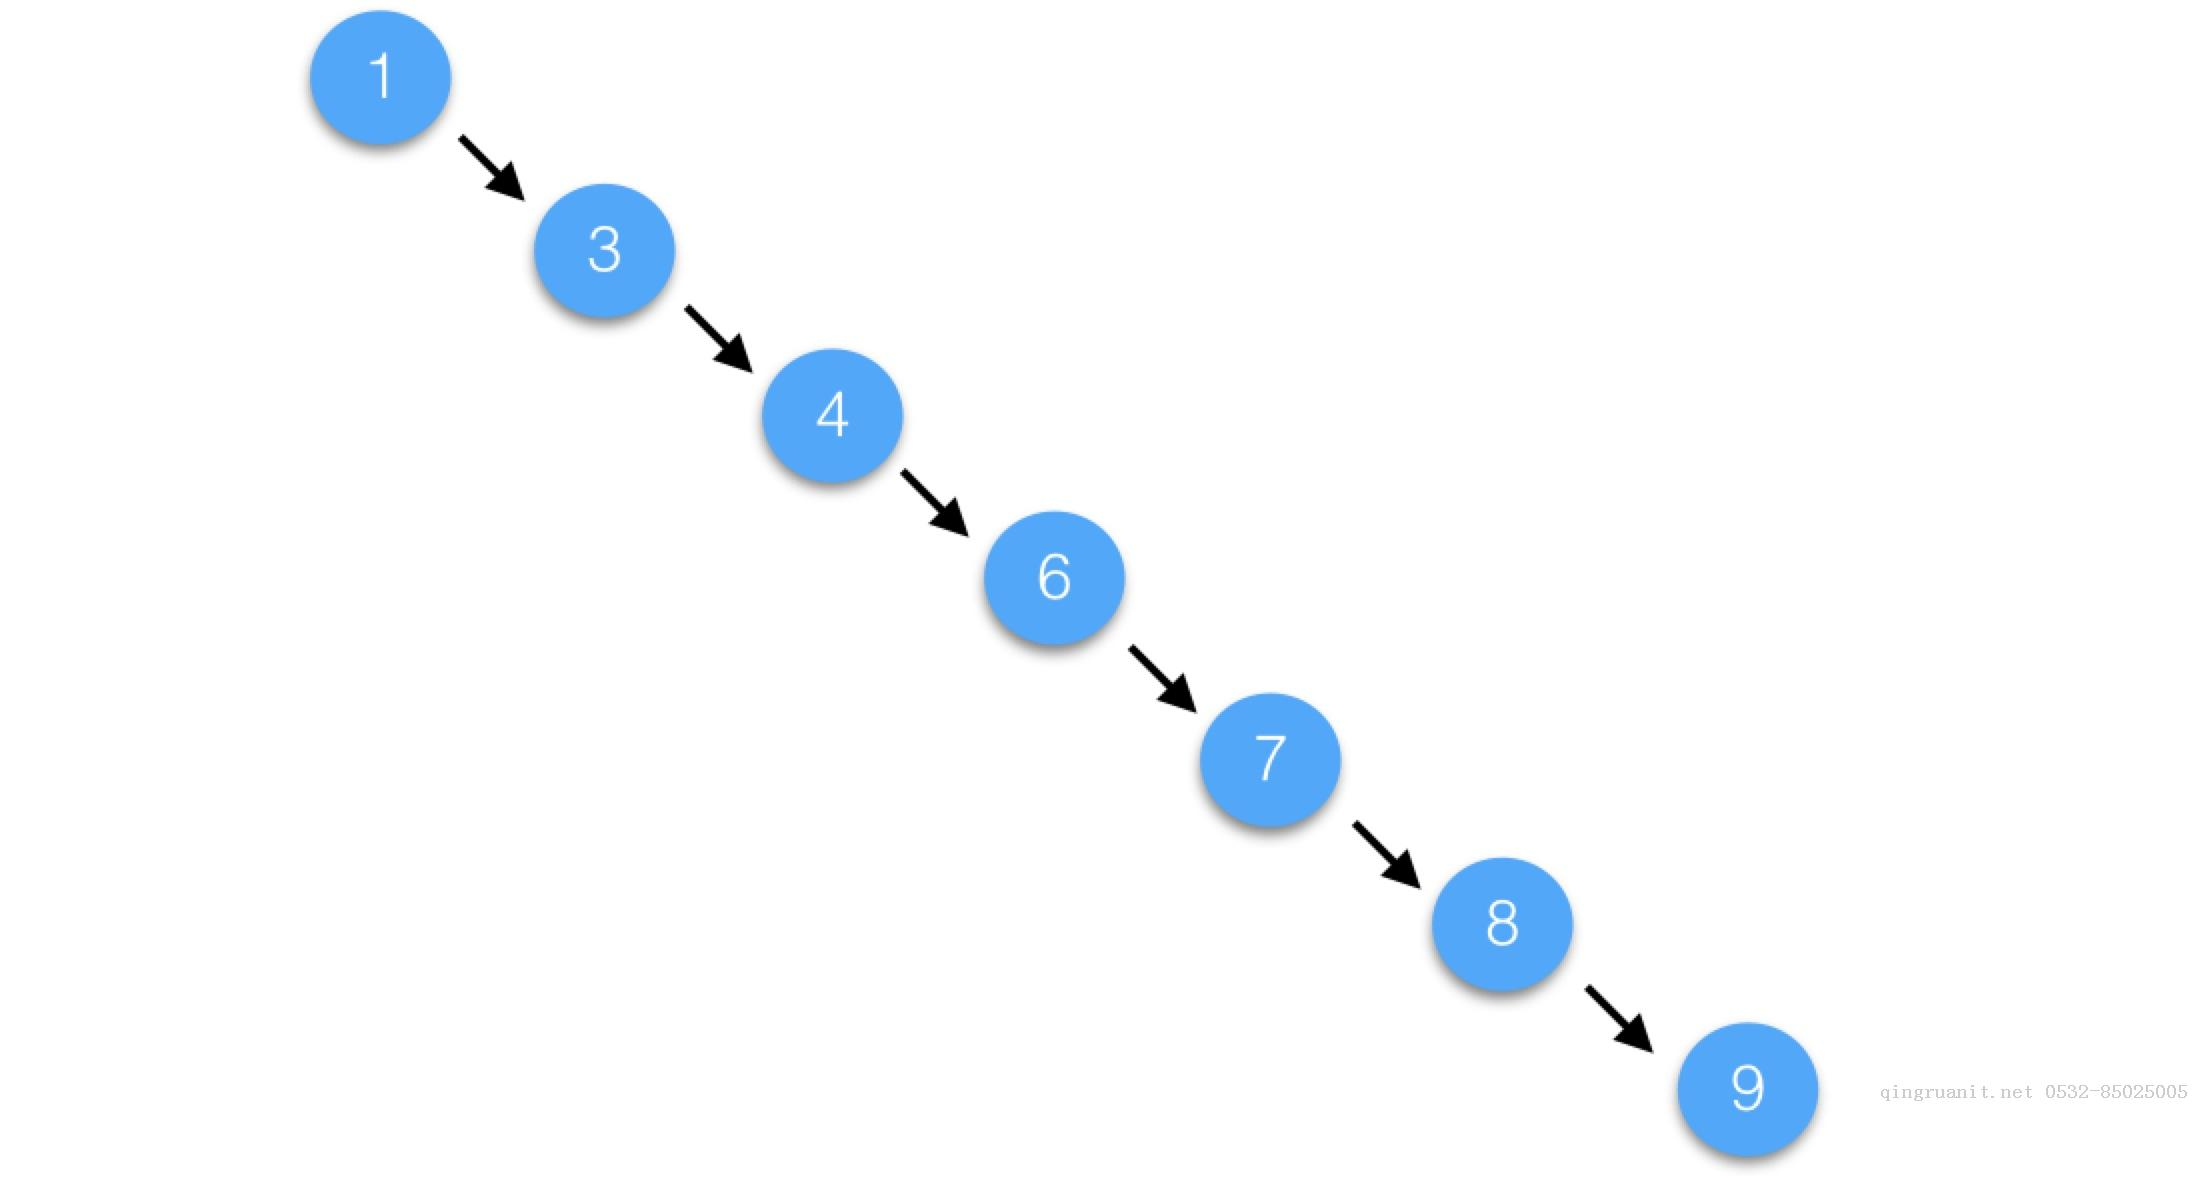 计算机程序的思维逻辑 (42) - 排序二叉树